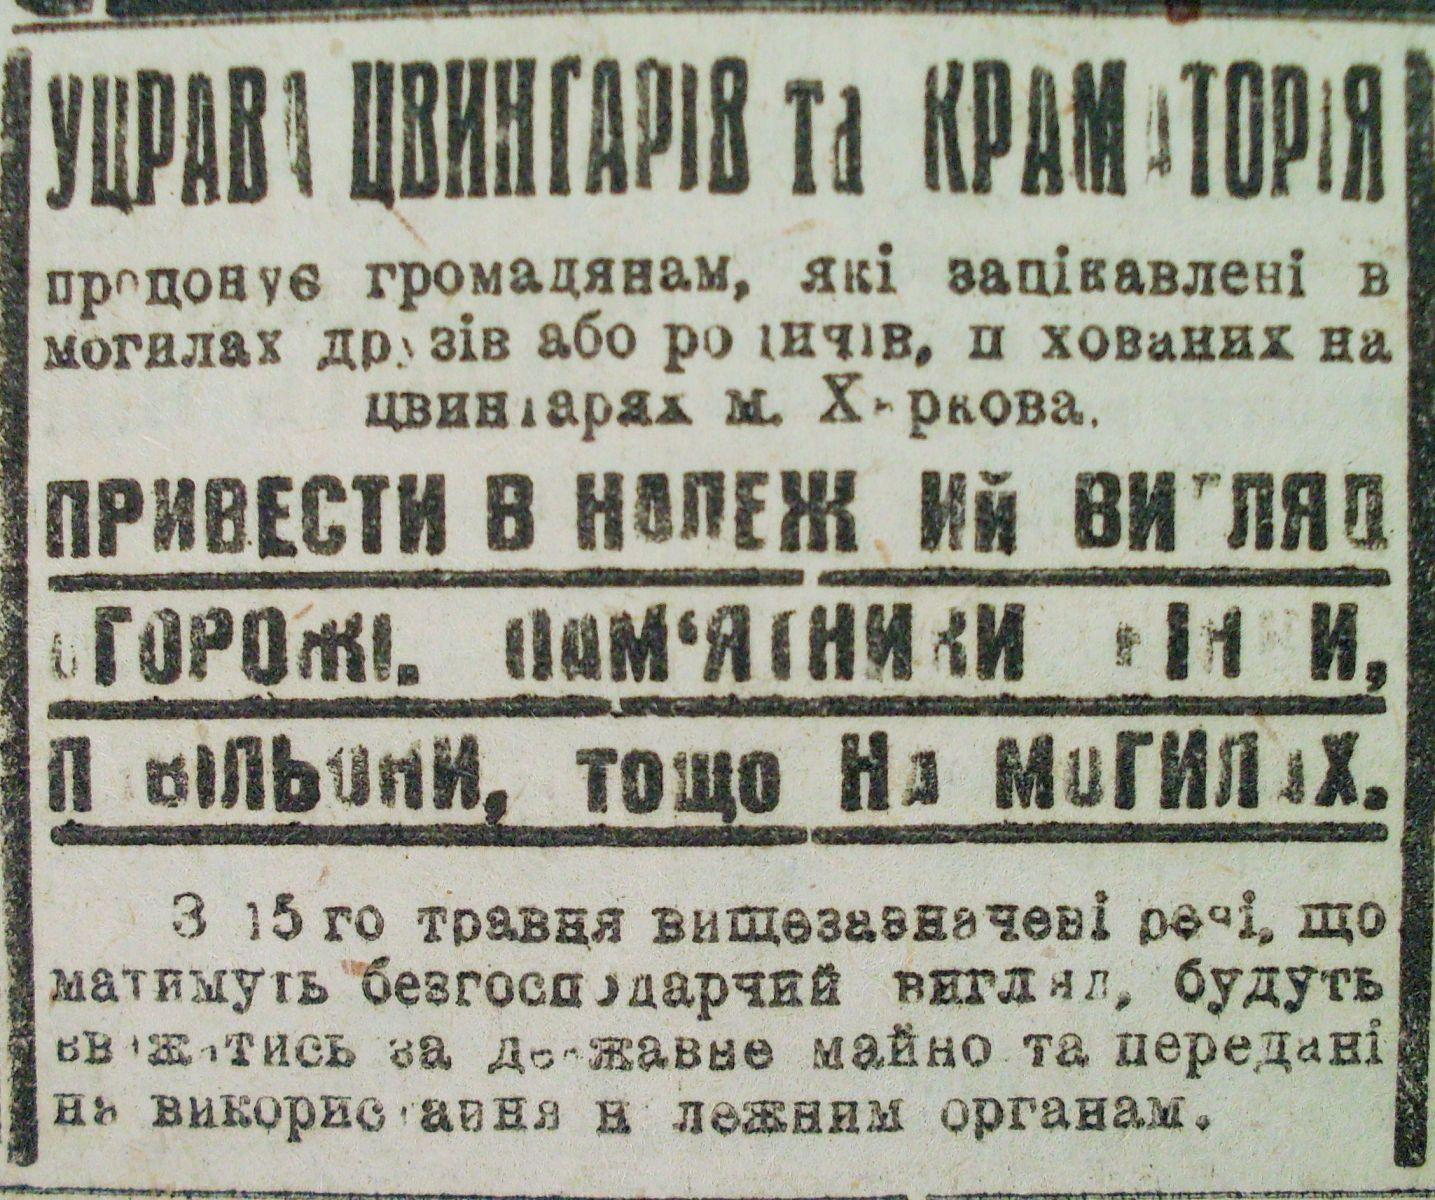 У квітні 1932-го харківцям ще пропонували впорядковувати поховання. Ті, що скоро ліквідують